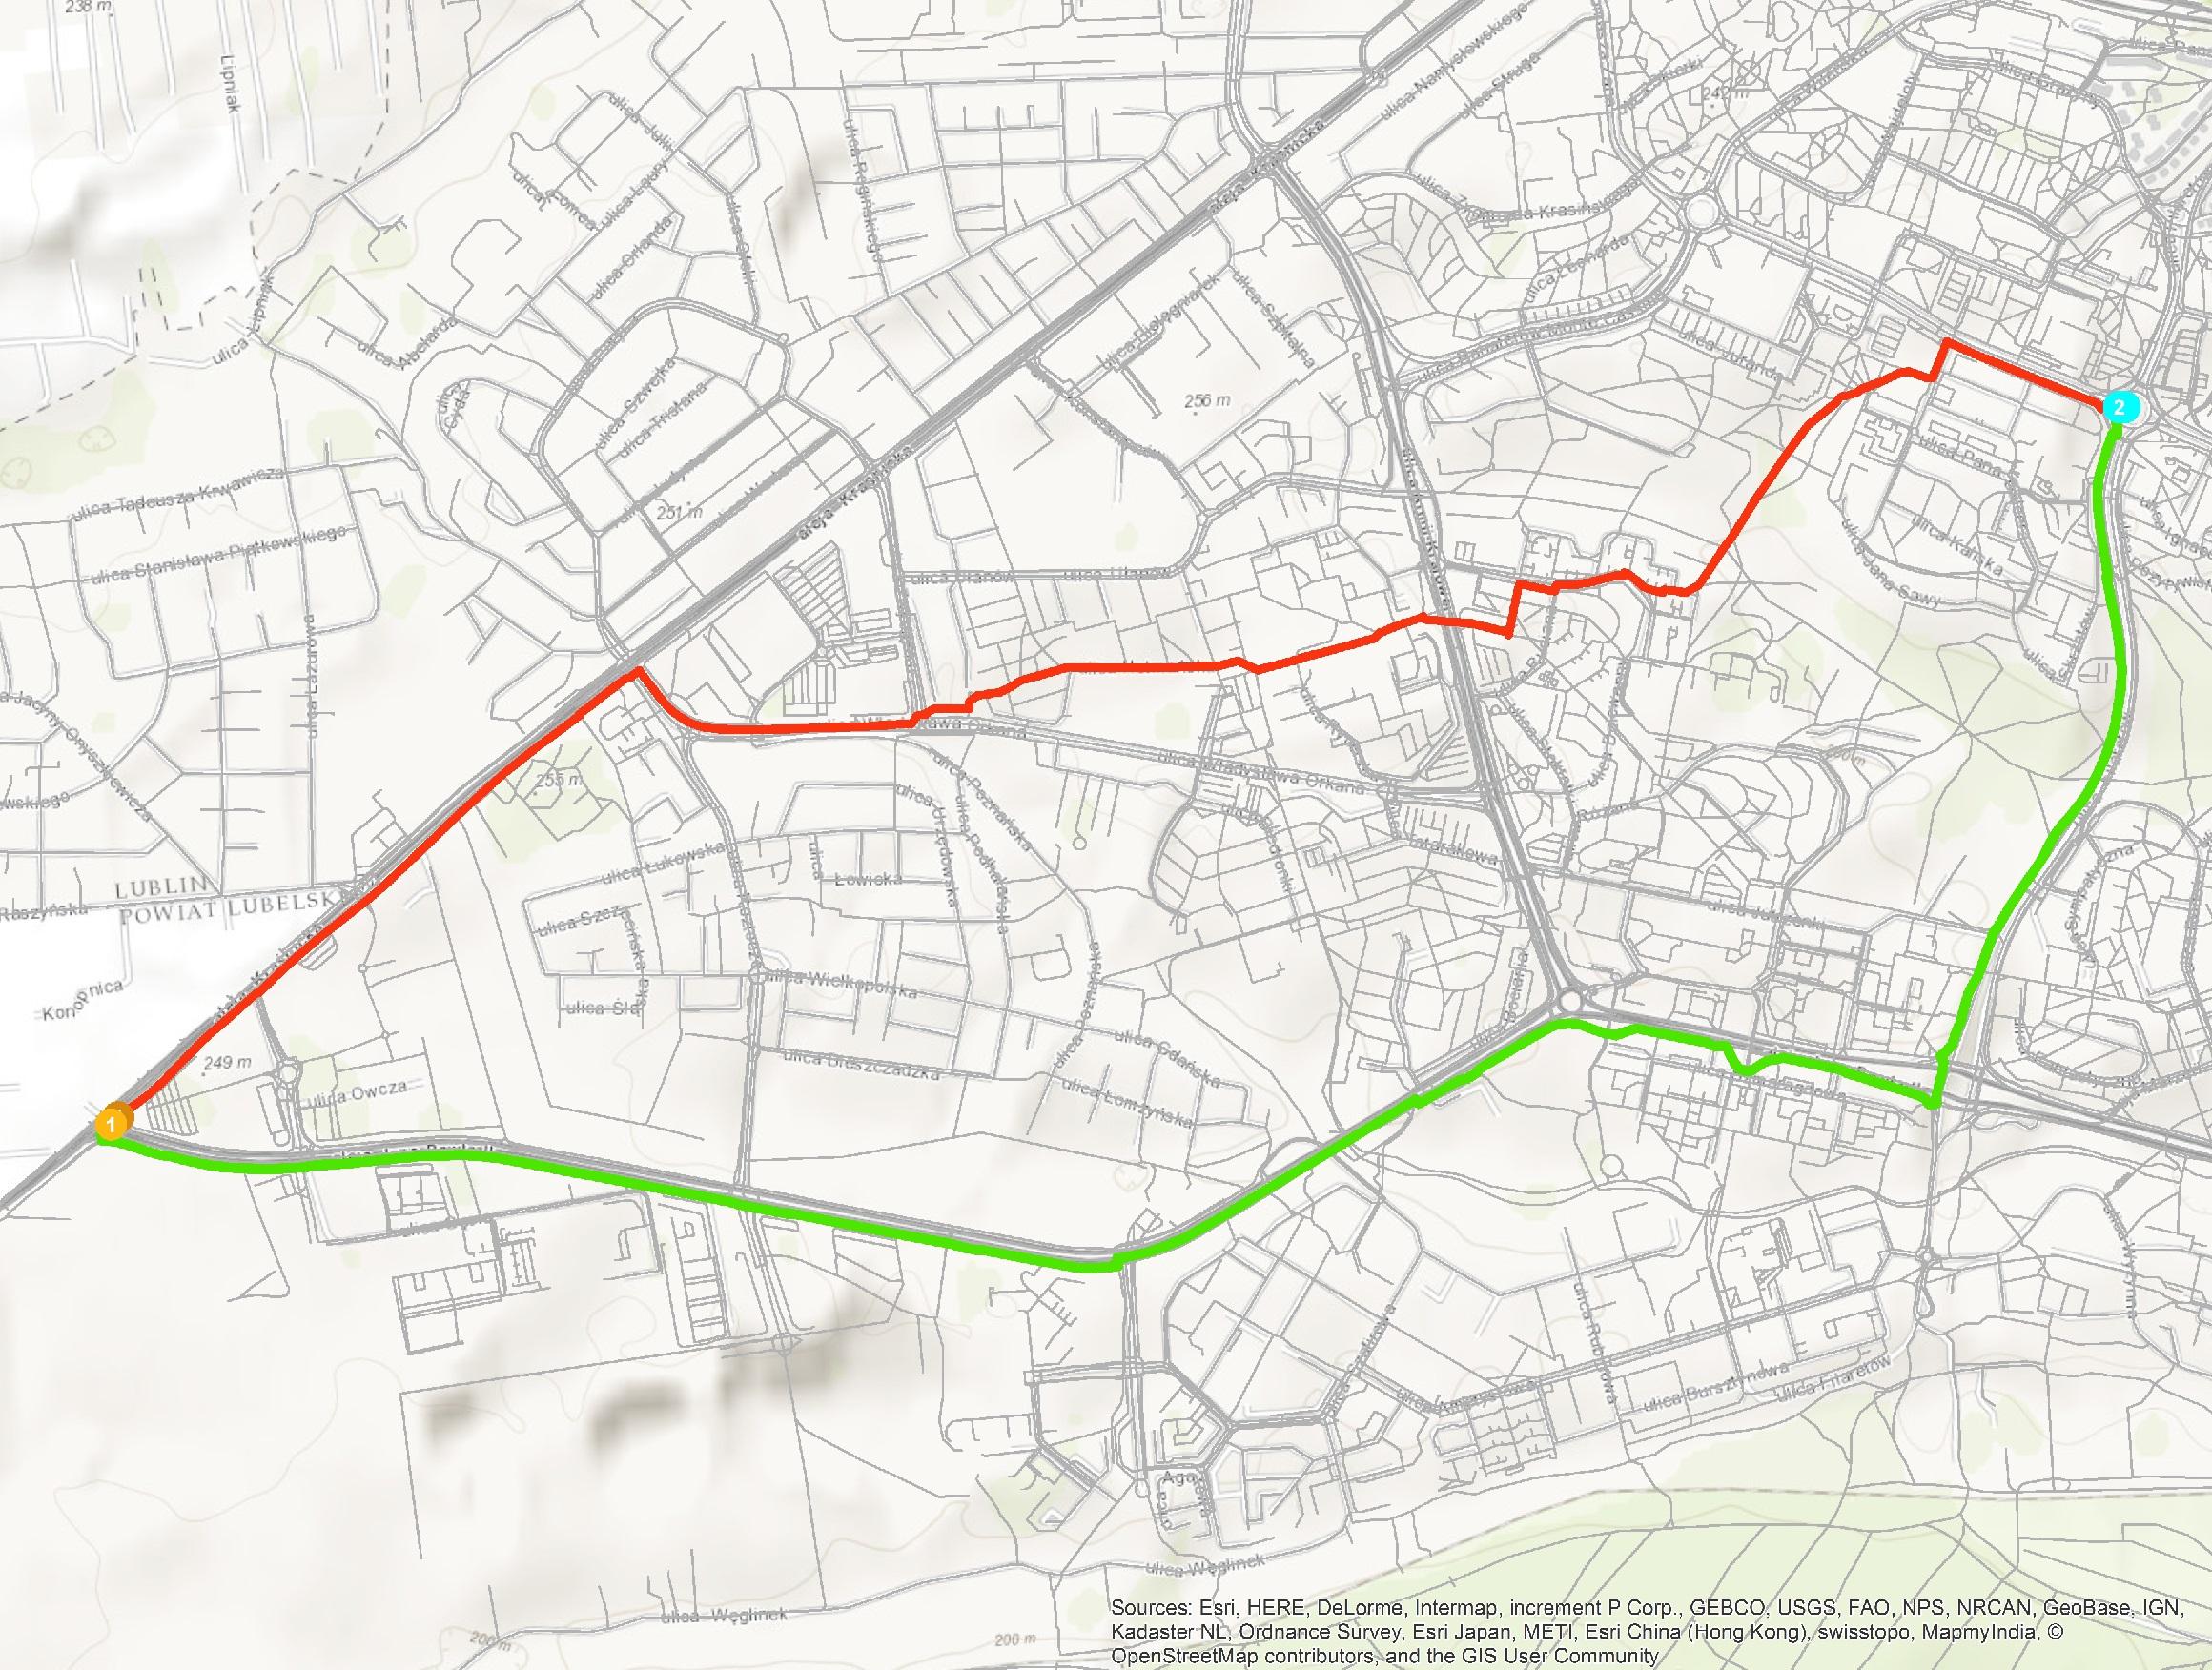 Rys. 4. Porównanie tras przebiegających między dwoma punktami na sieci bez hierarchii (czerwona) oraz z hierarchią (zielona). Trasa zielona w całości przebiega po ścieżce rowerowej.